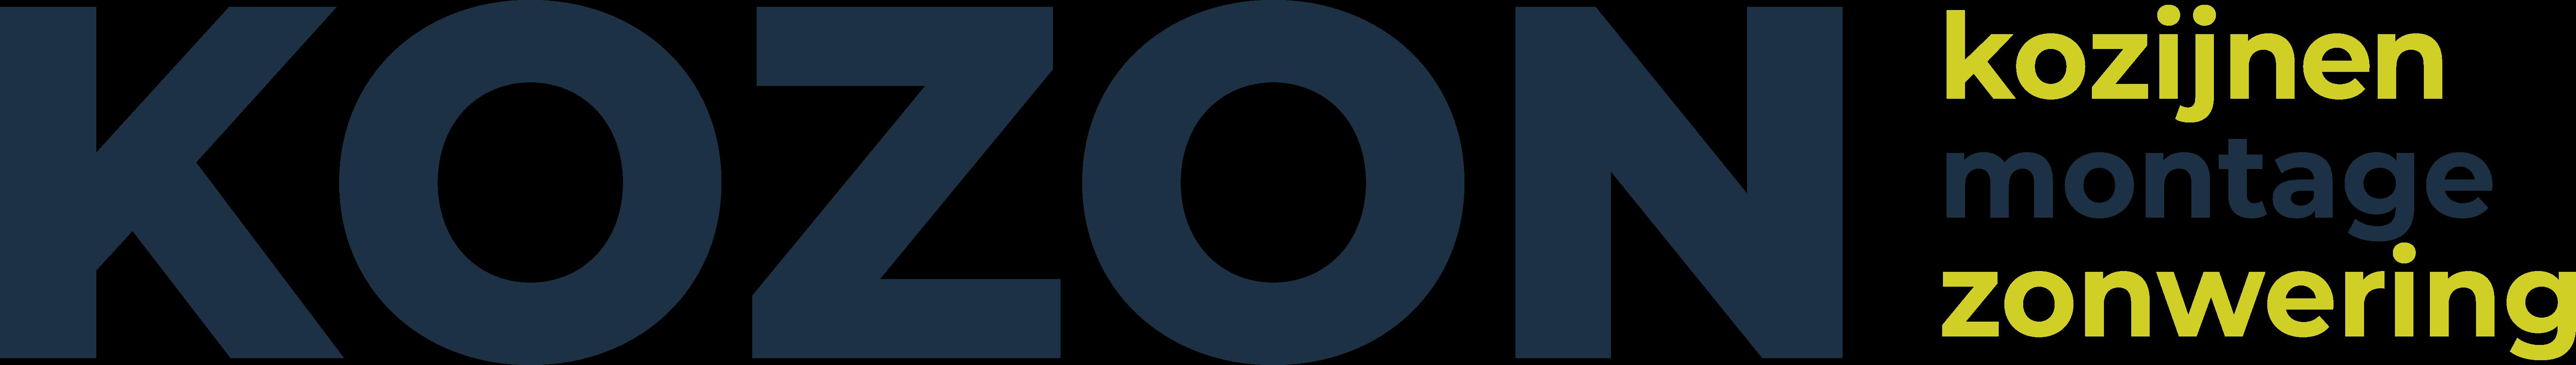 Logo KOZON | montage kozijnen zonwering